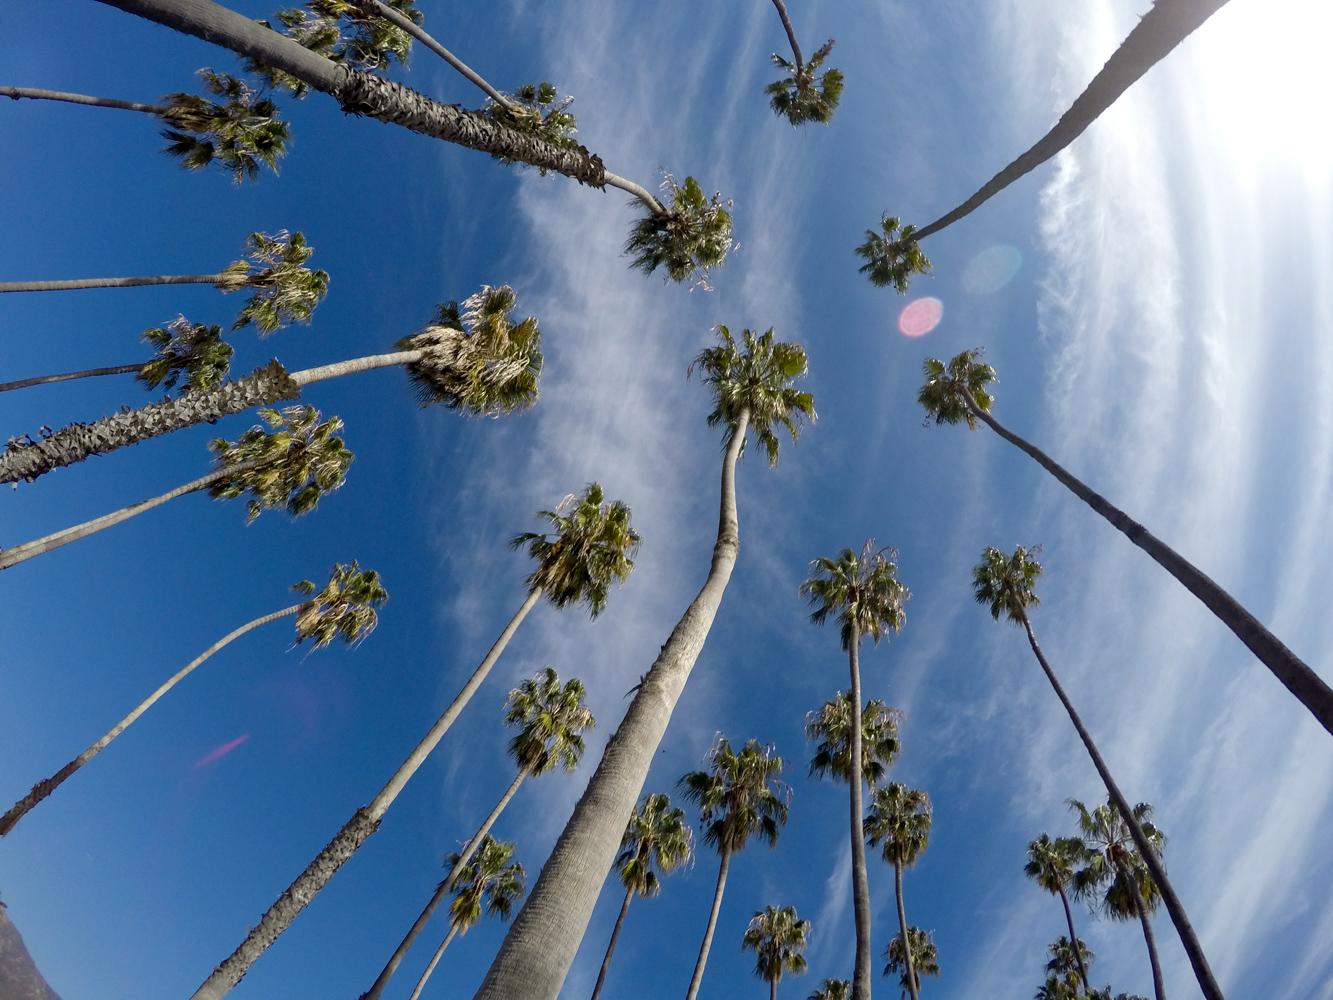 Four Seasons The Biltmore Santa Barbara Bike Rentals Review